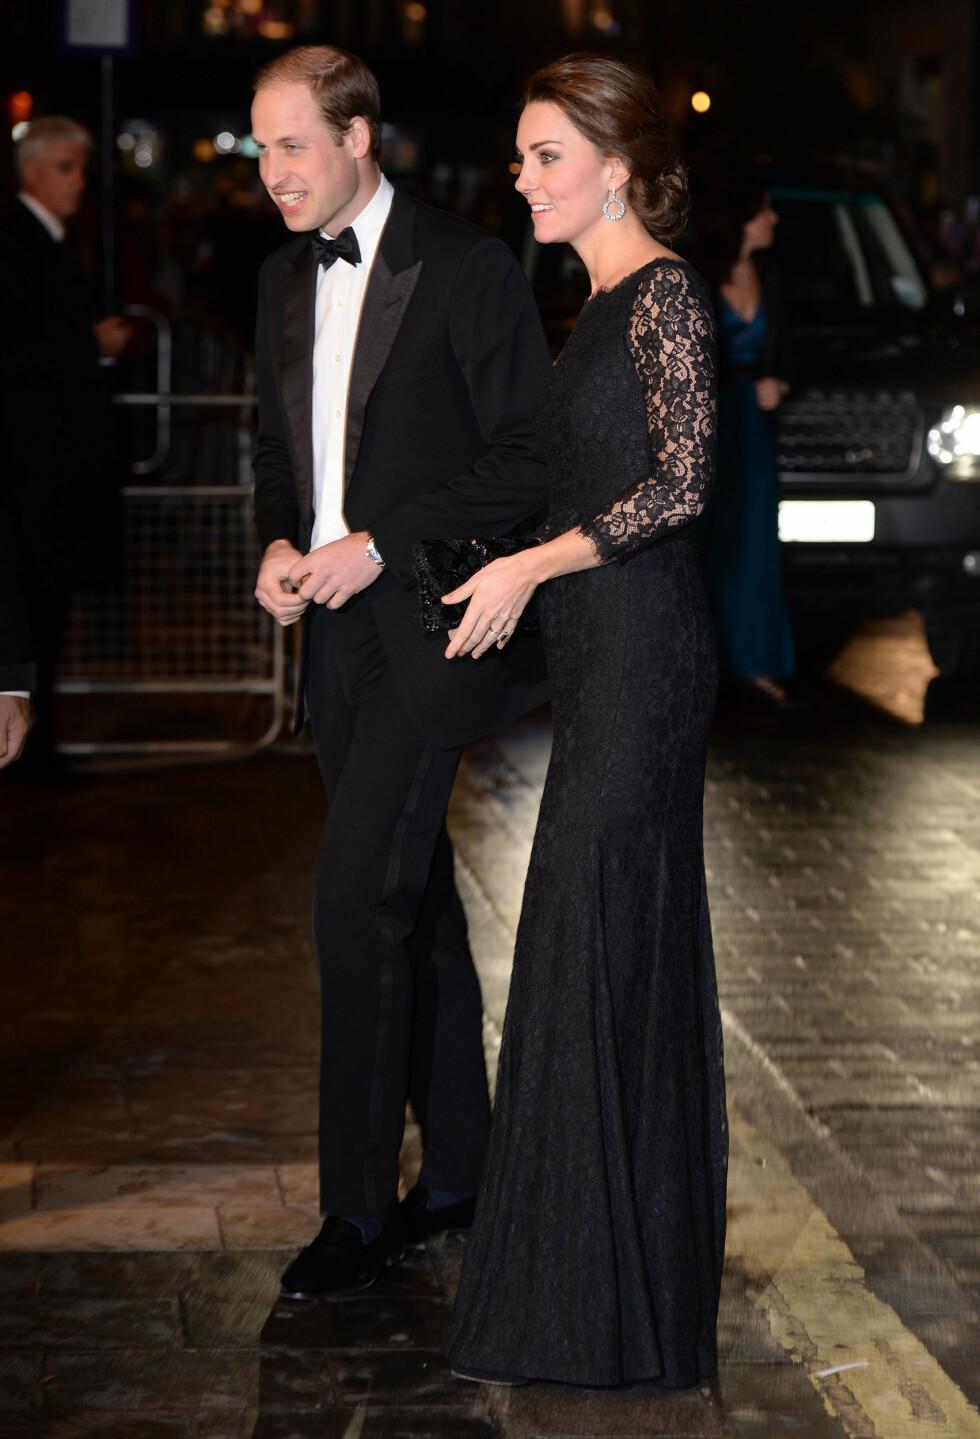 VISER HUD PÅ EN ELEGANT MÅTE: Prins William og Kate Middleton på  Royal Variety Performance i London tildigere denne høsten.   Foto: James Whatling/ All Over Press